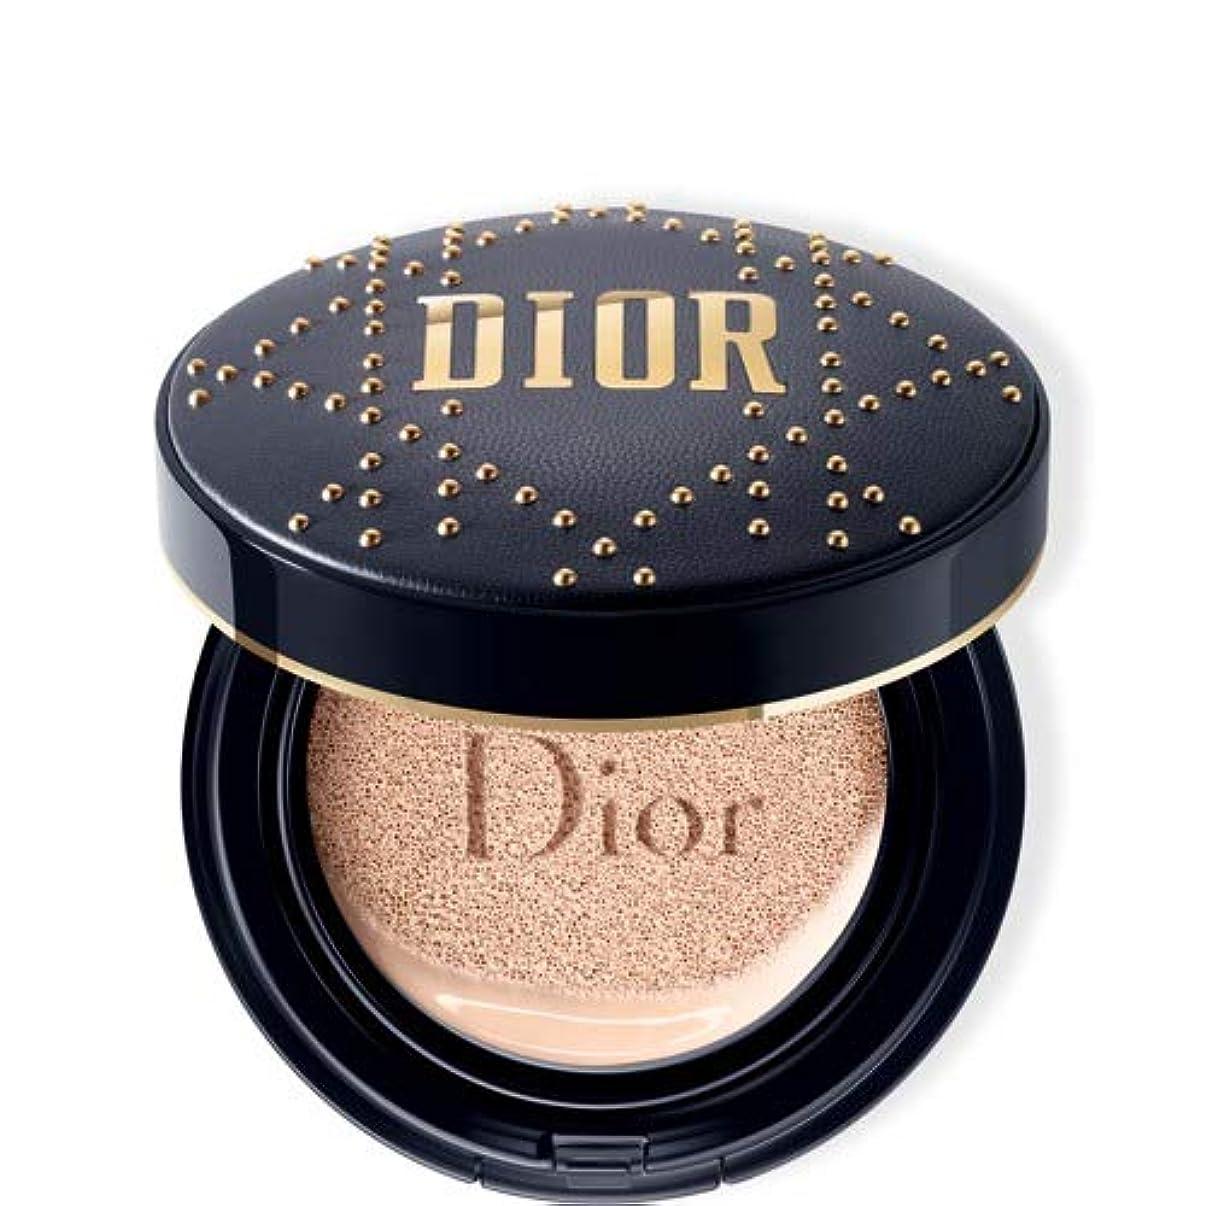 刈り取る満足させる修理可能Dior(ディオール)スキン フォーエヴァー クッション - 限定スタッズ カナージュ ケース #020